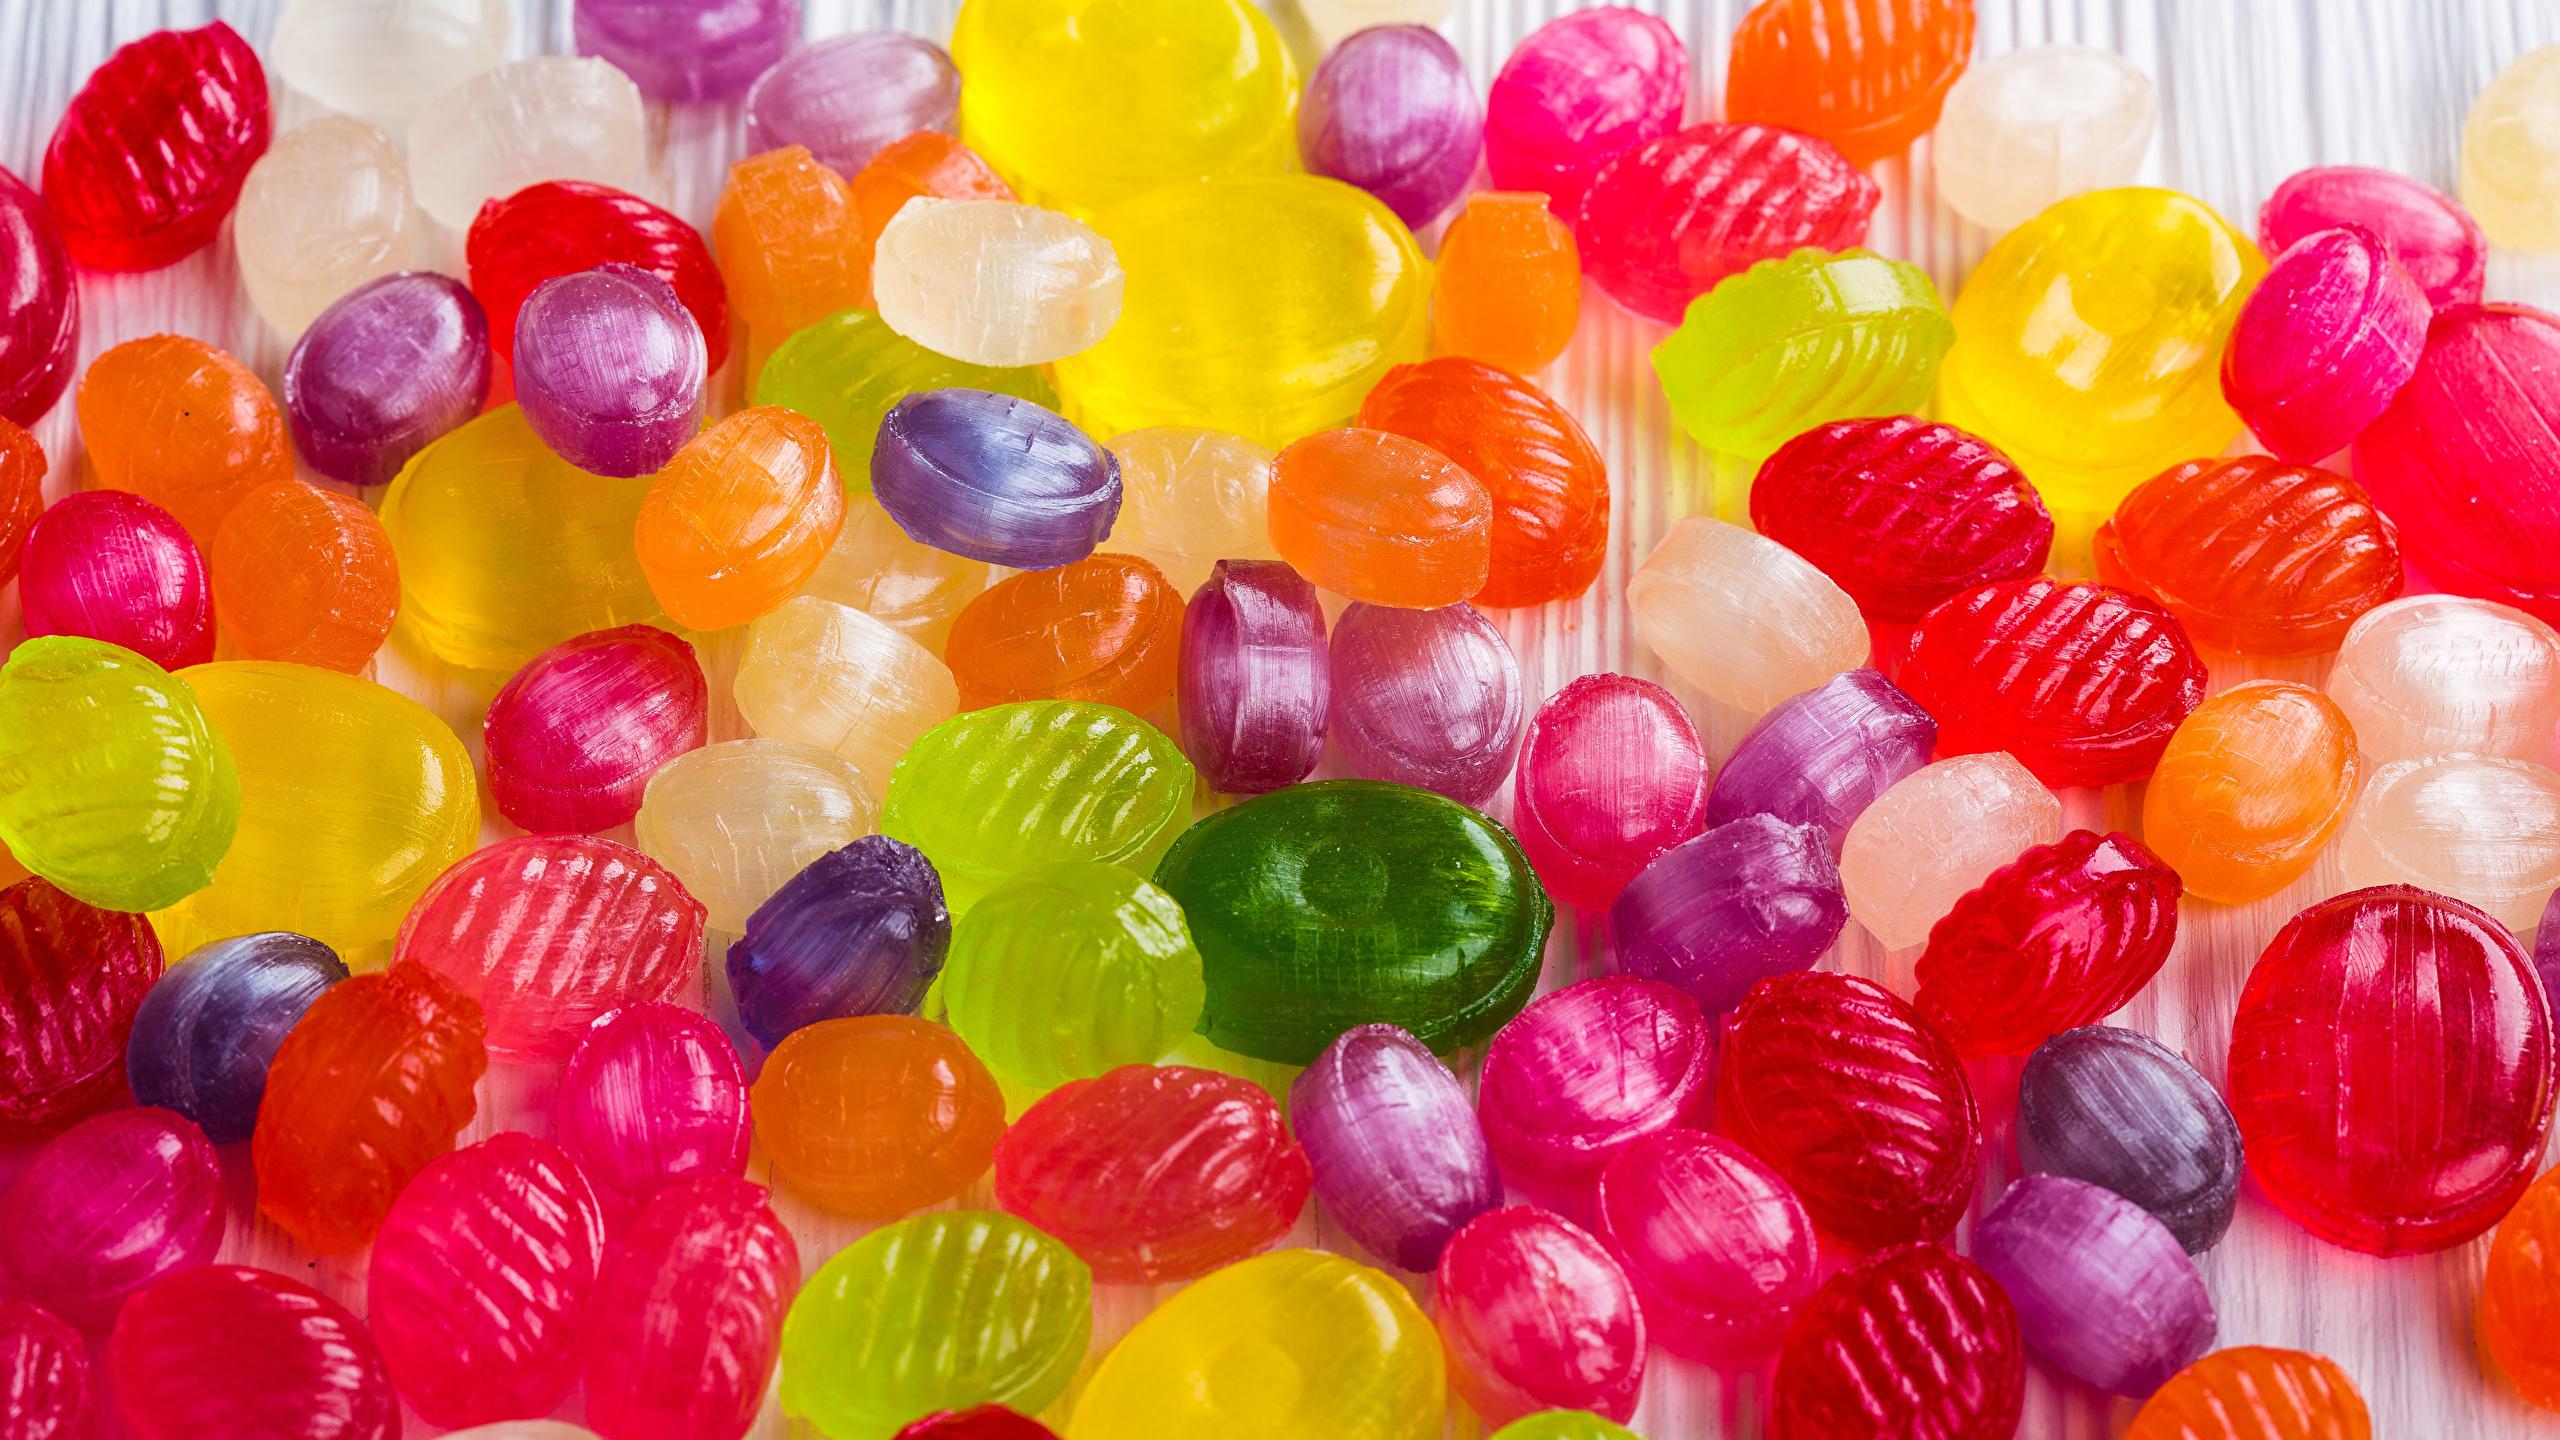 Картинка Разноцветные Конфеты Леденцы Еда Много Сладости 2560x1440 Пища Продукты питания сладкая еда